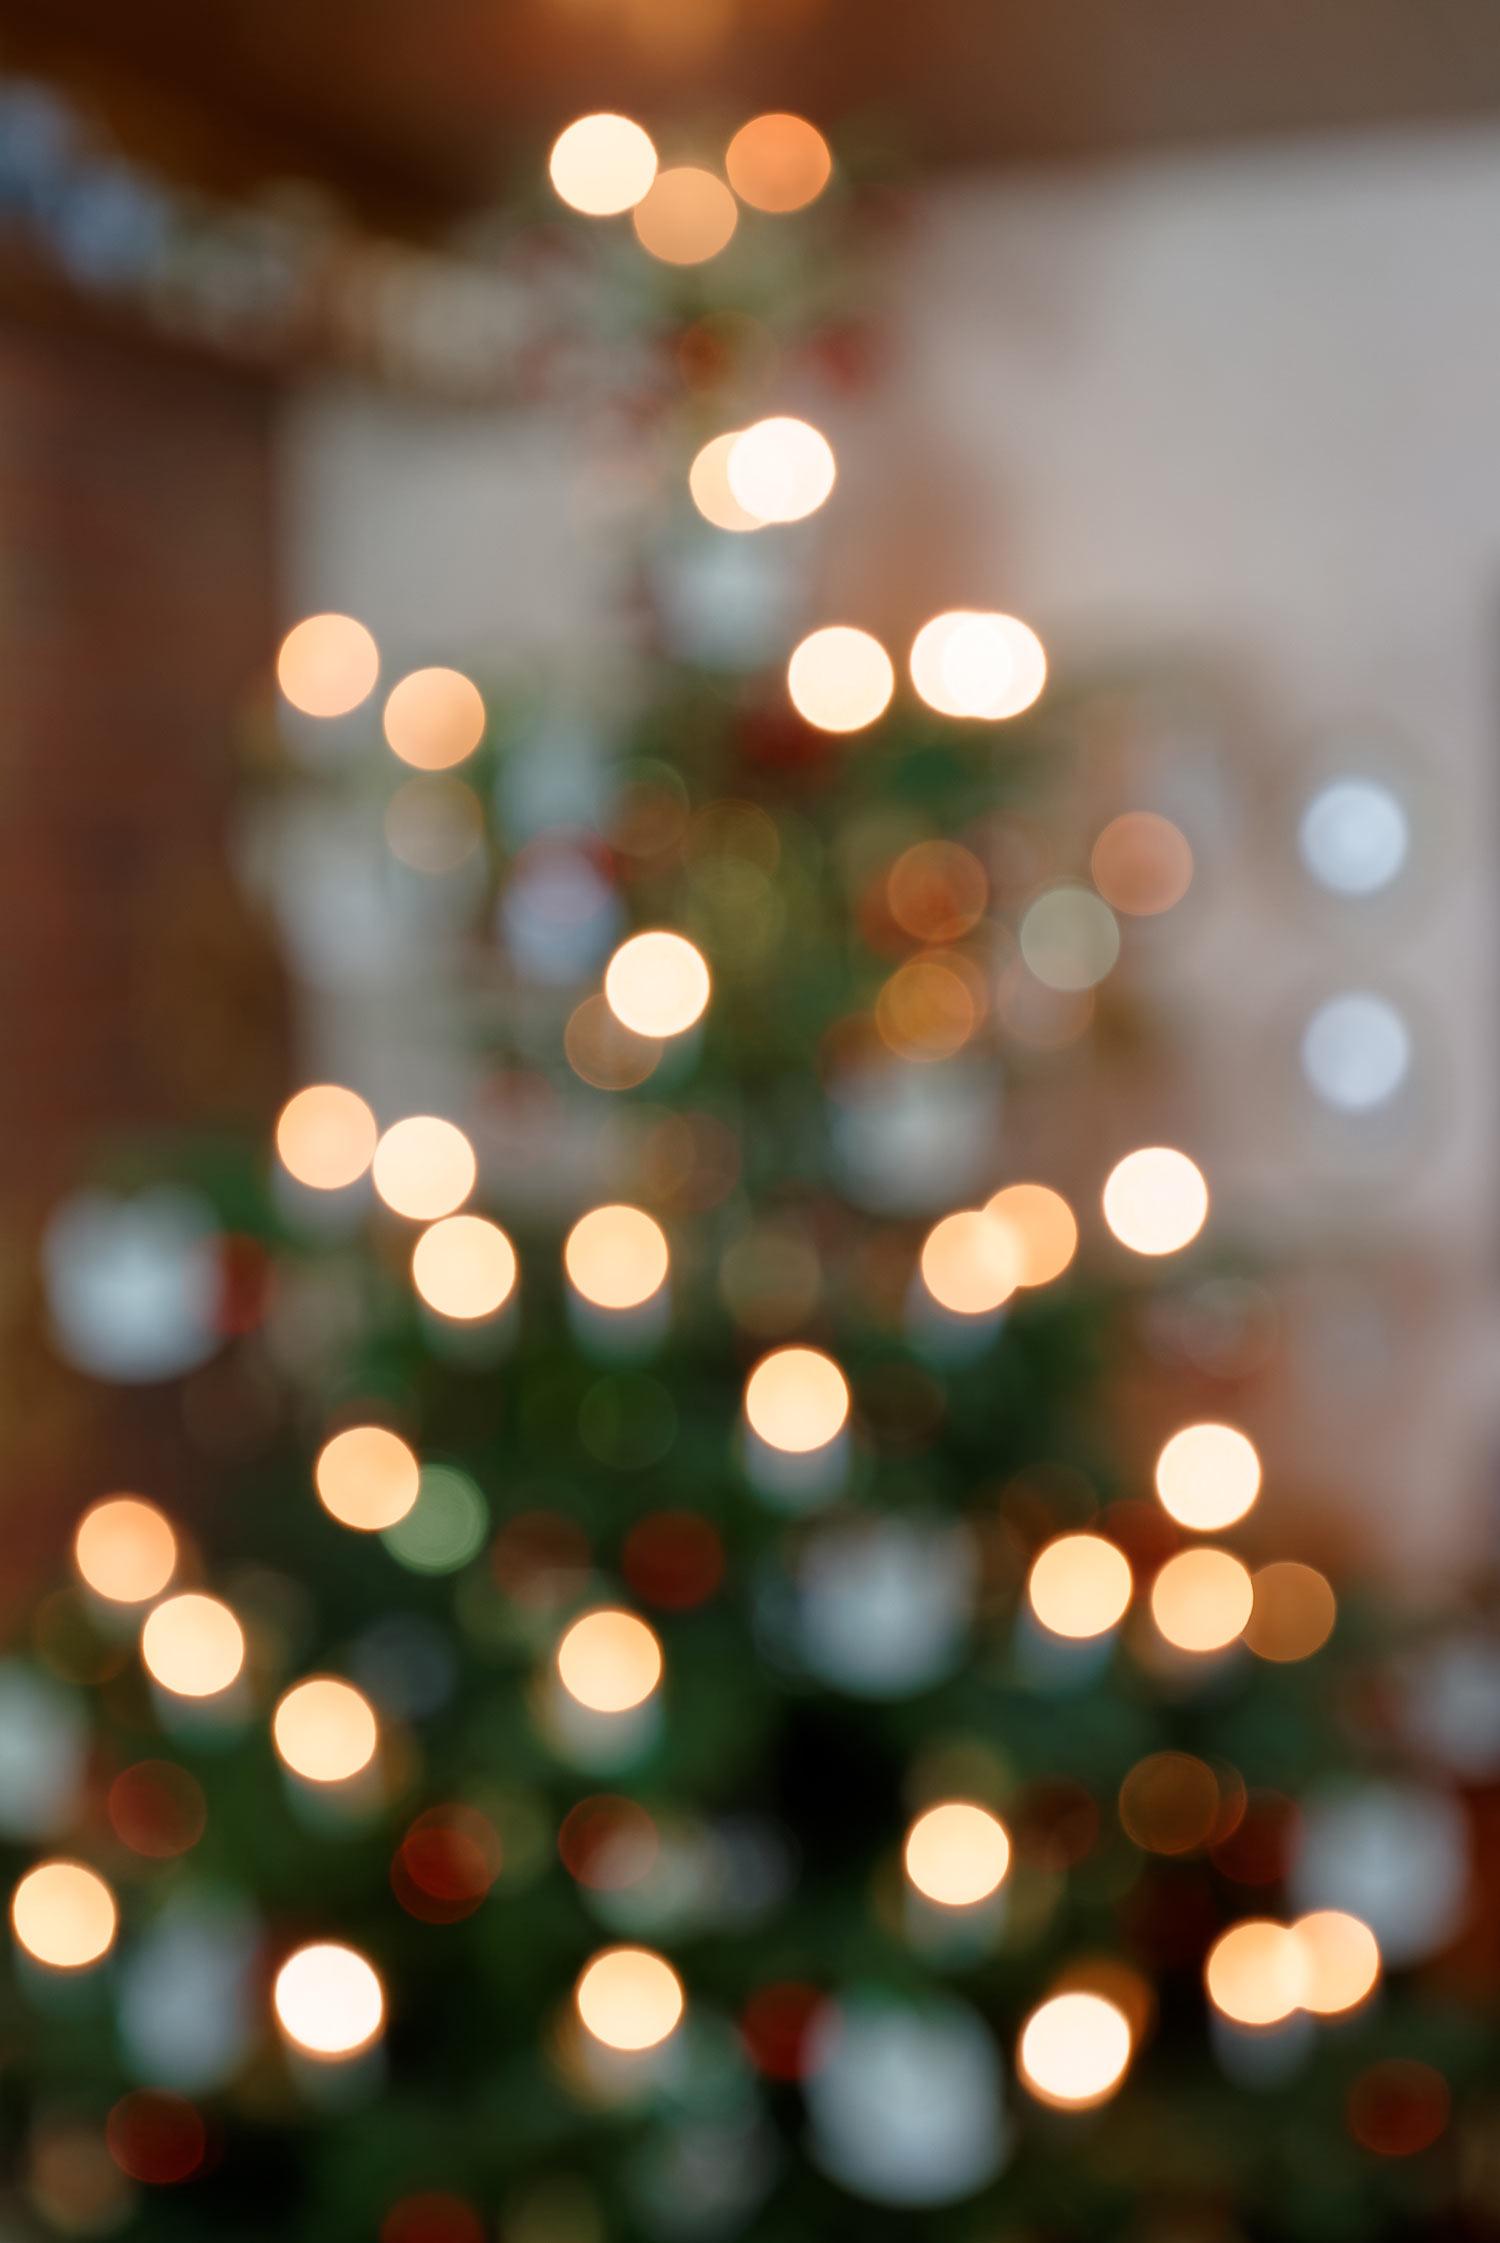 Abstrakter Weihnachtsbaum - Bokeh Hintergrund II